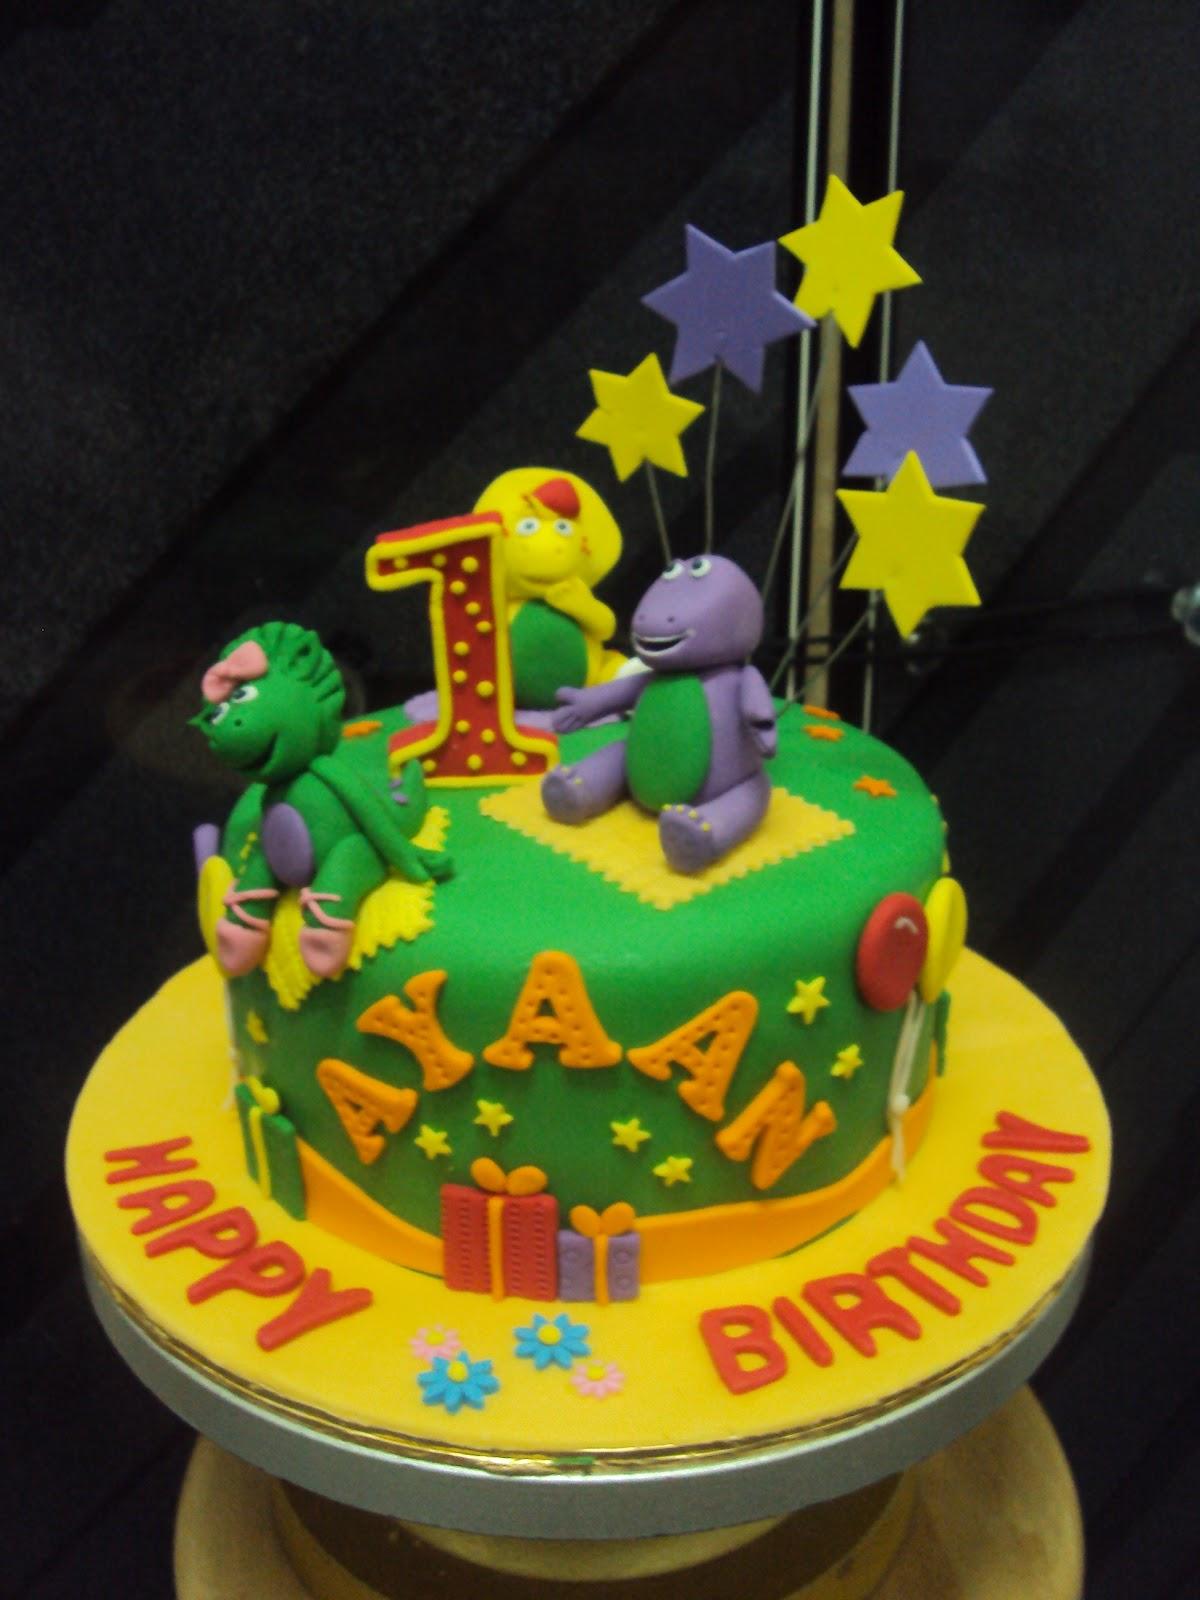 Lmis Cakes Cupcakes Ipoh Contact 0125991233 Ayaan Turns 1